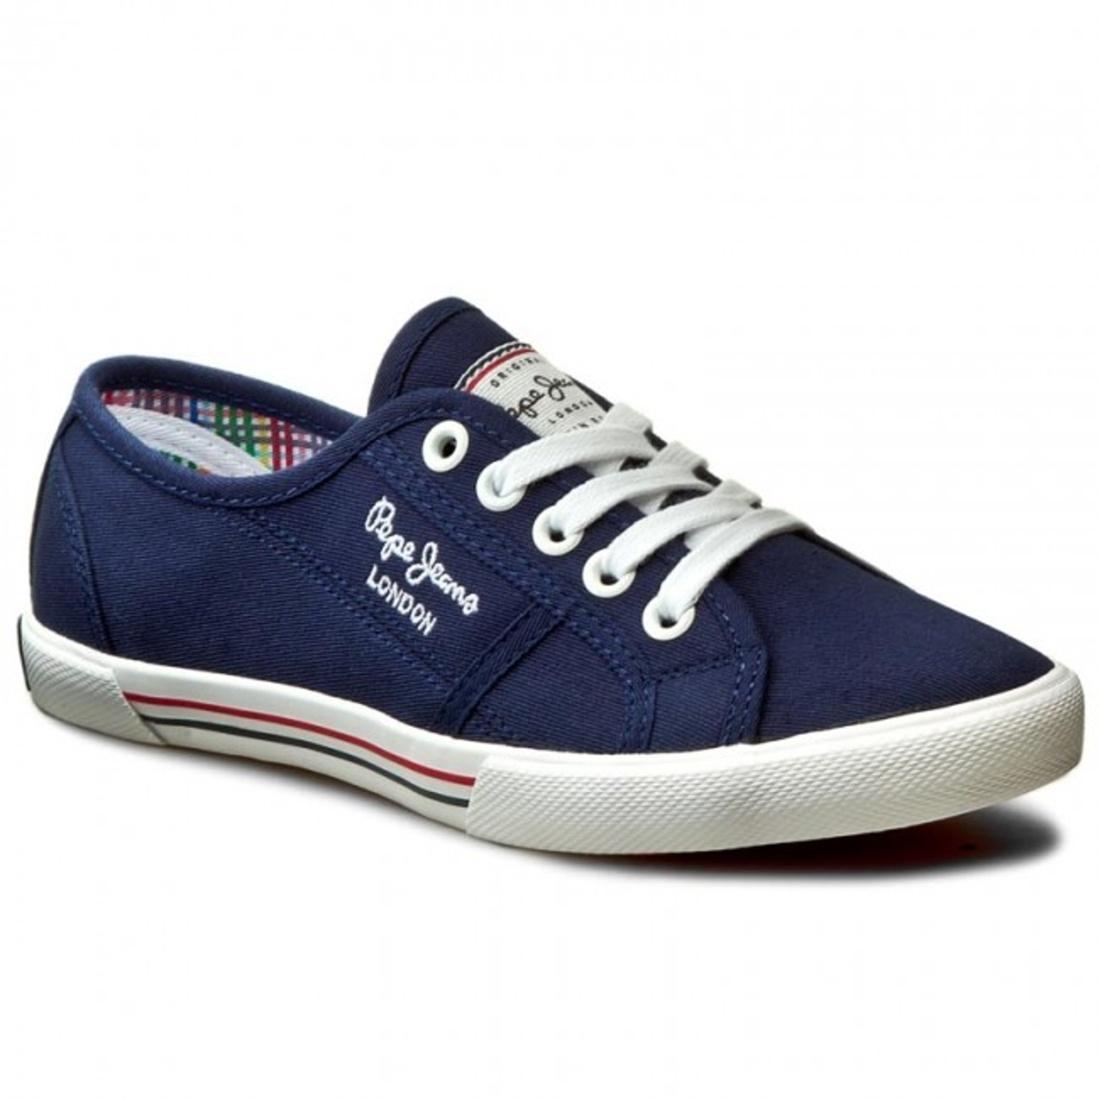 Pepe Jeans dámské tmavě modré tenisky Aberlady - Mode.cz 8c59c71b28